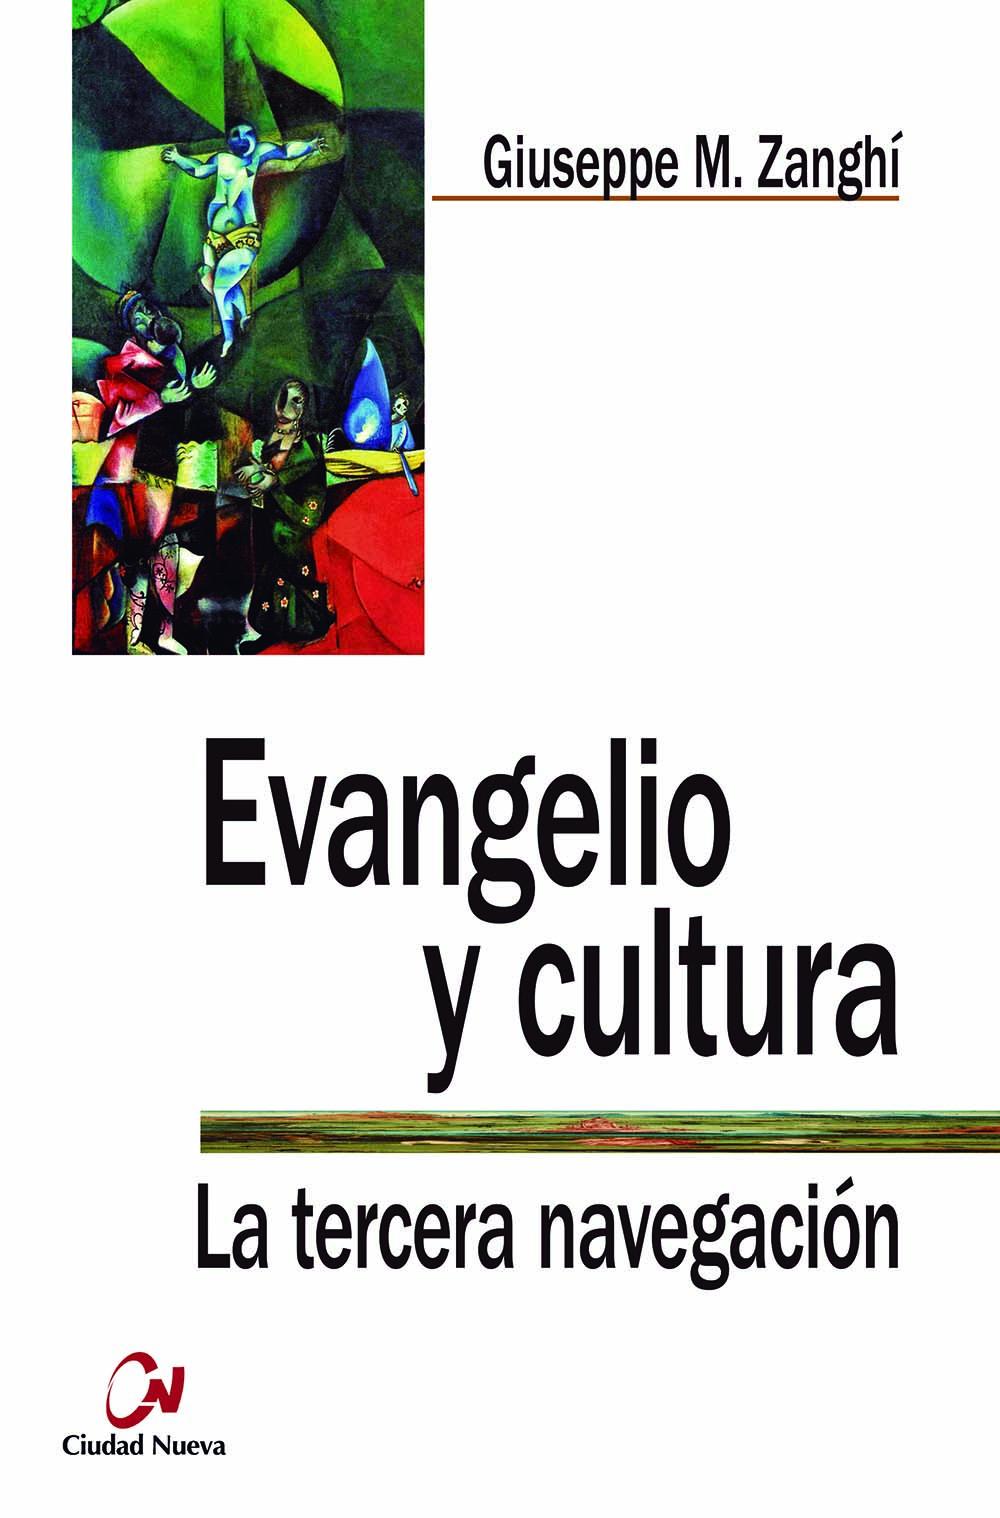 evangelio-y-cultura-la-tercera-navegacion